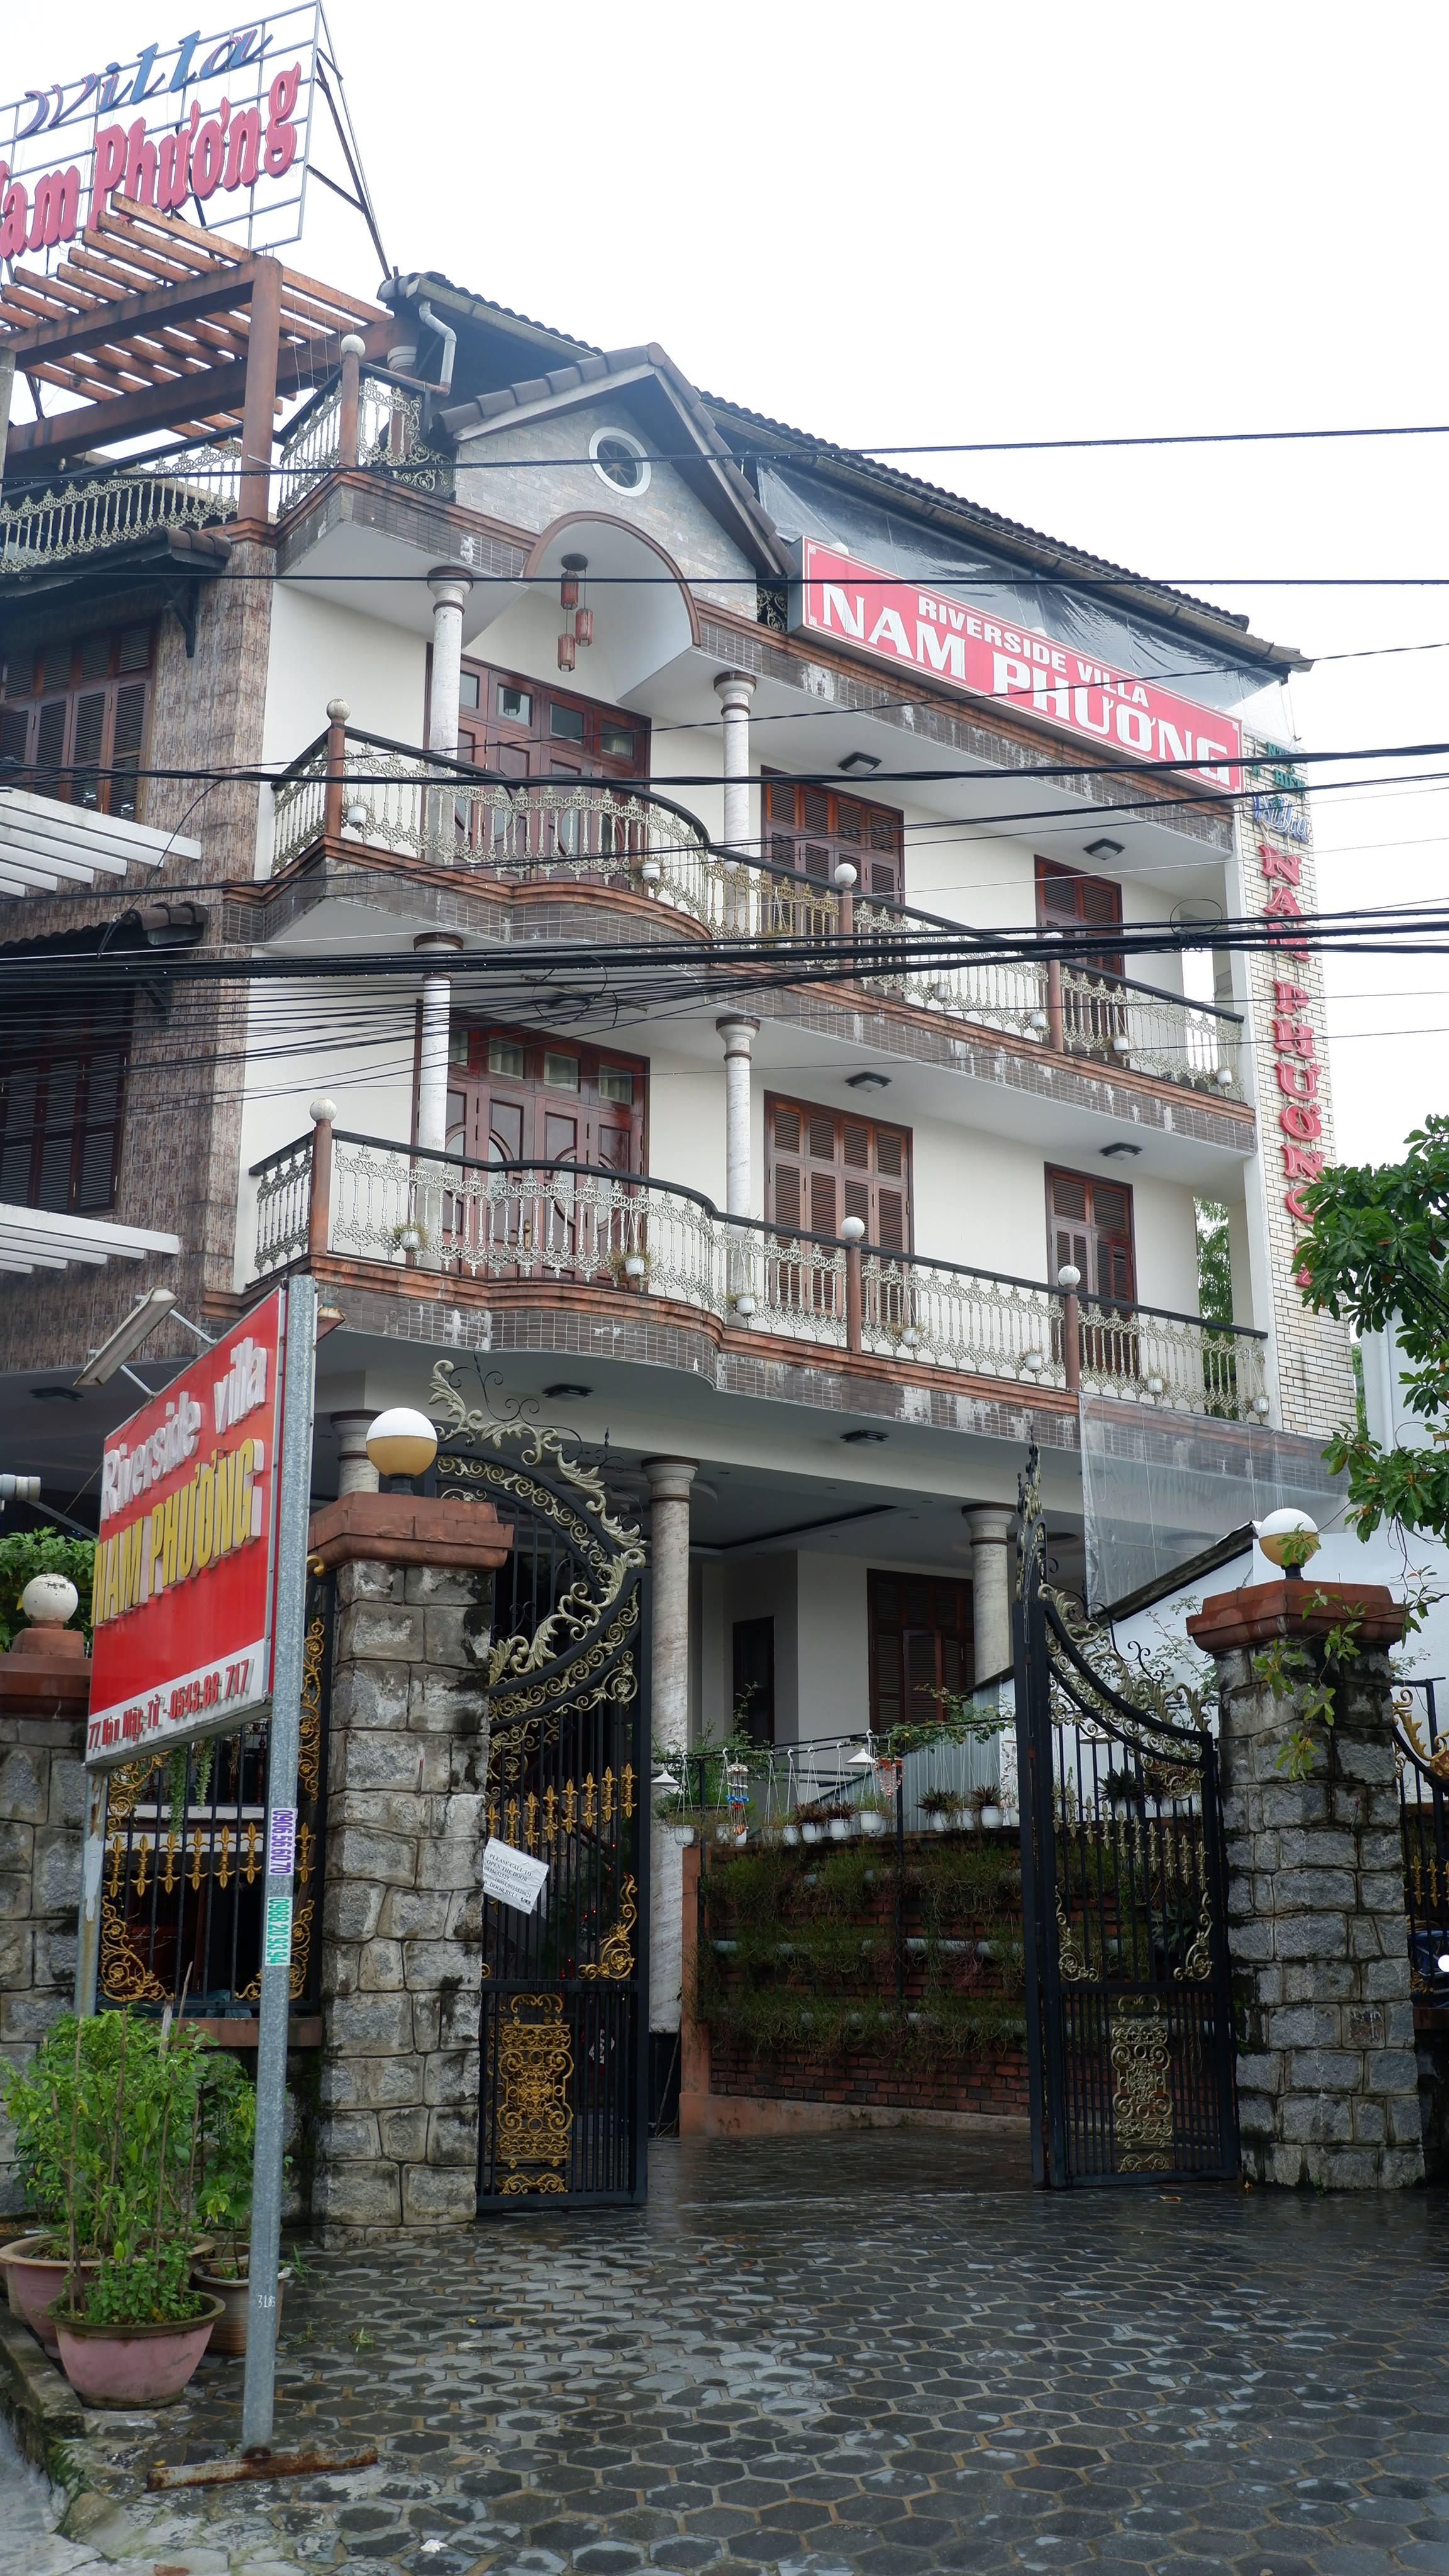 riverside-villa-nam-phuong-hotel-hue-vietnam (6)